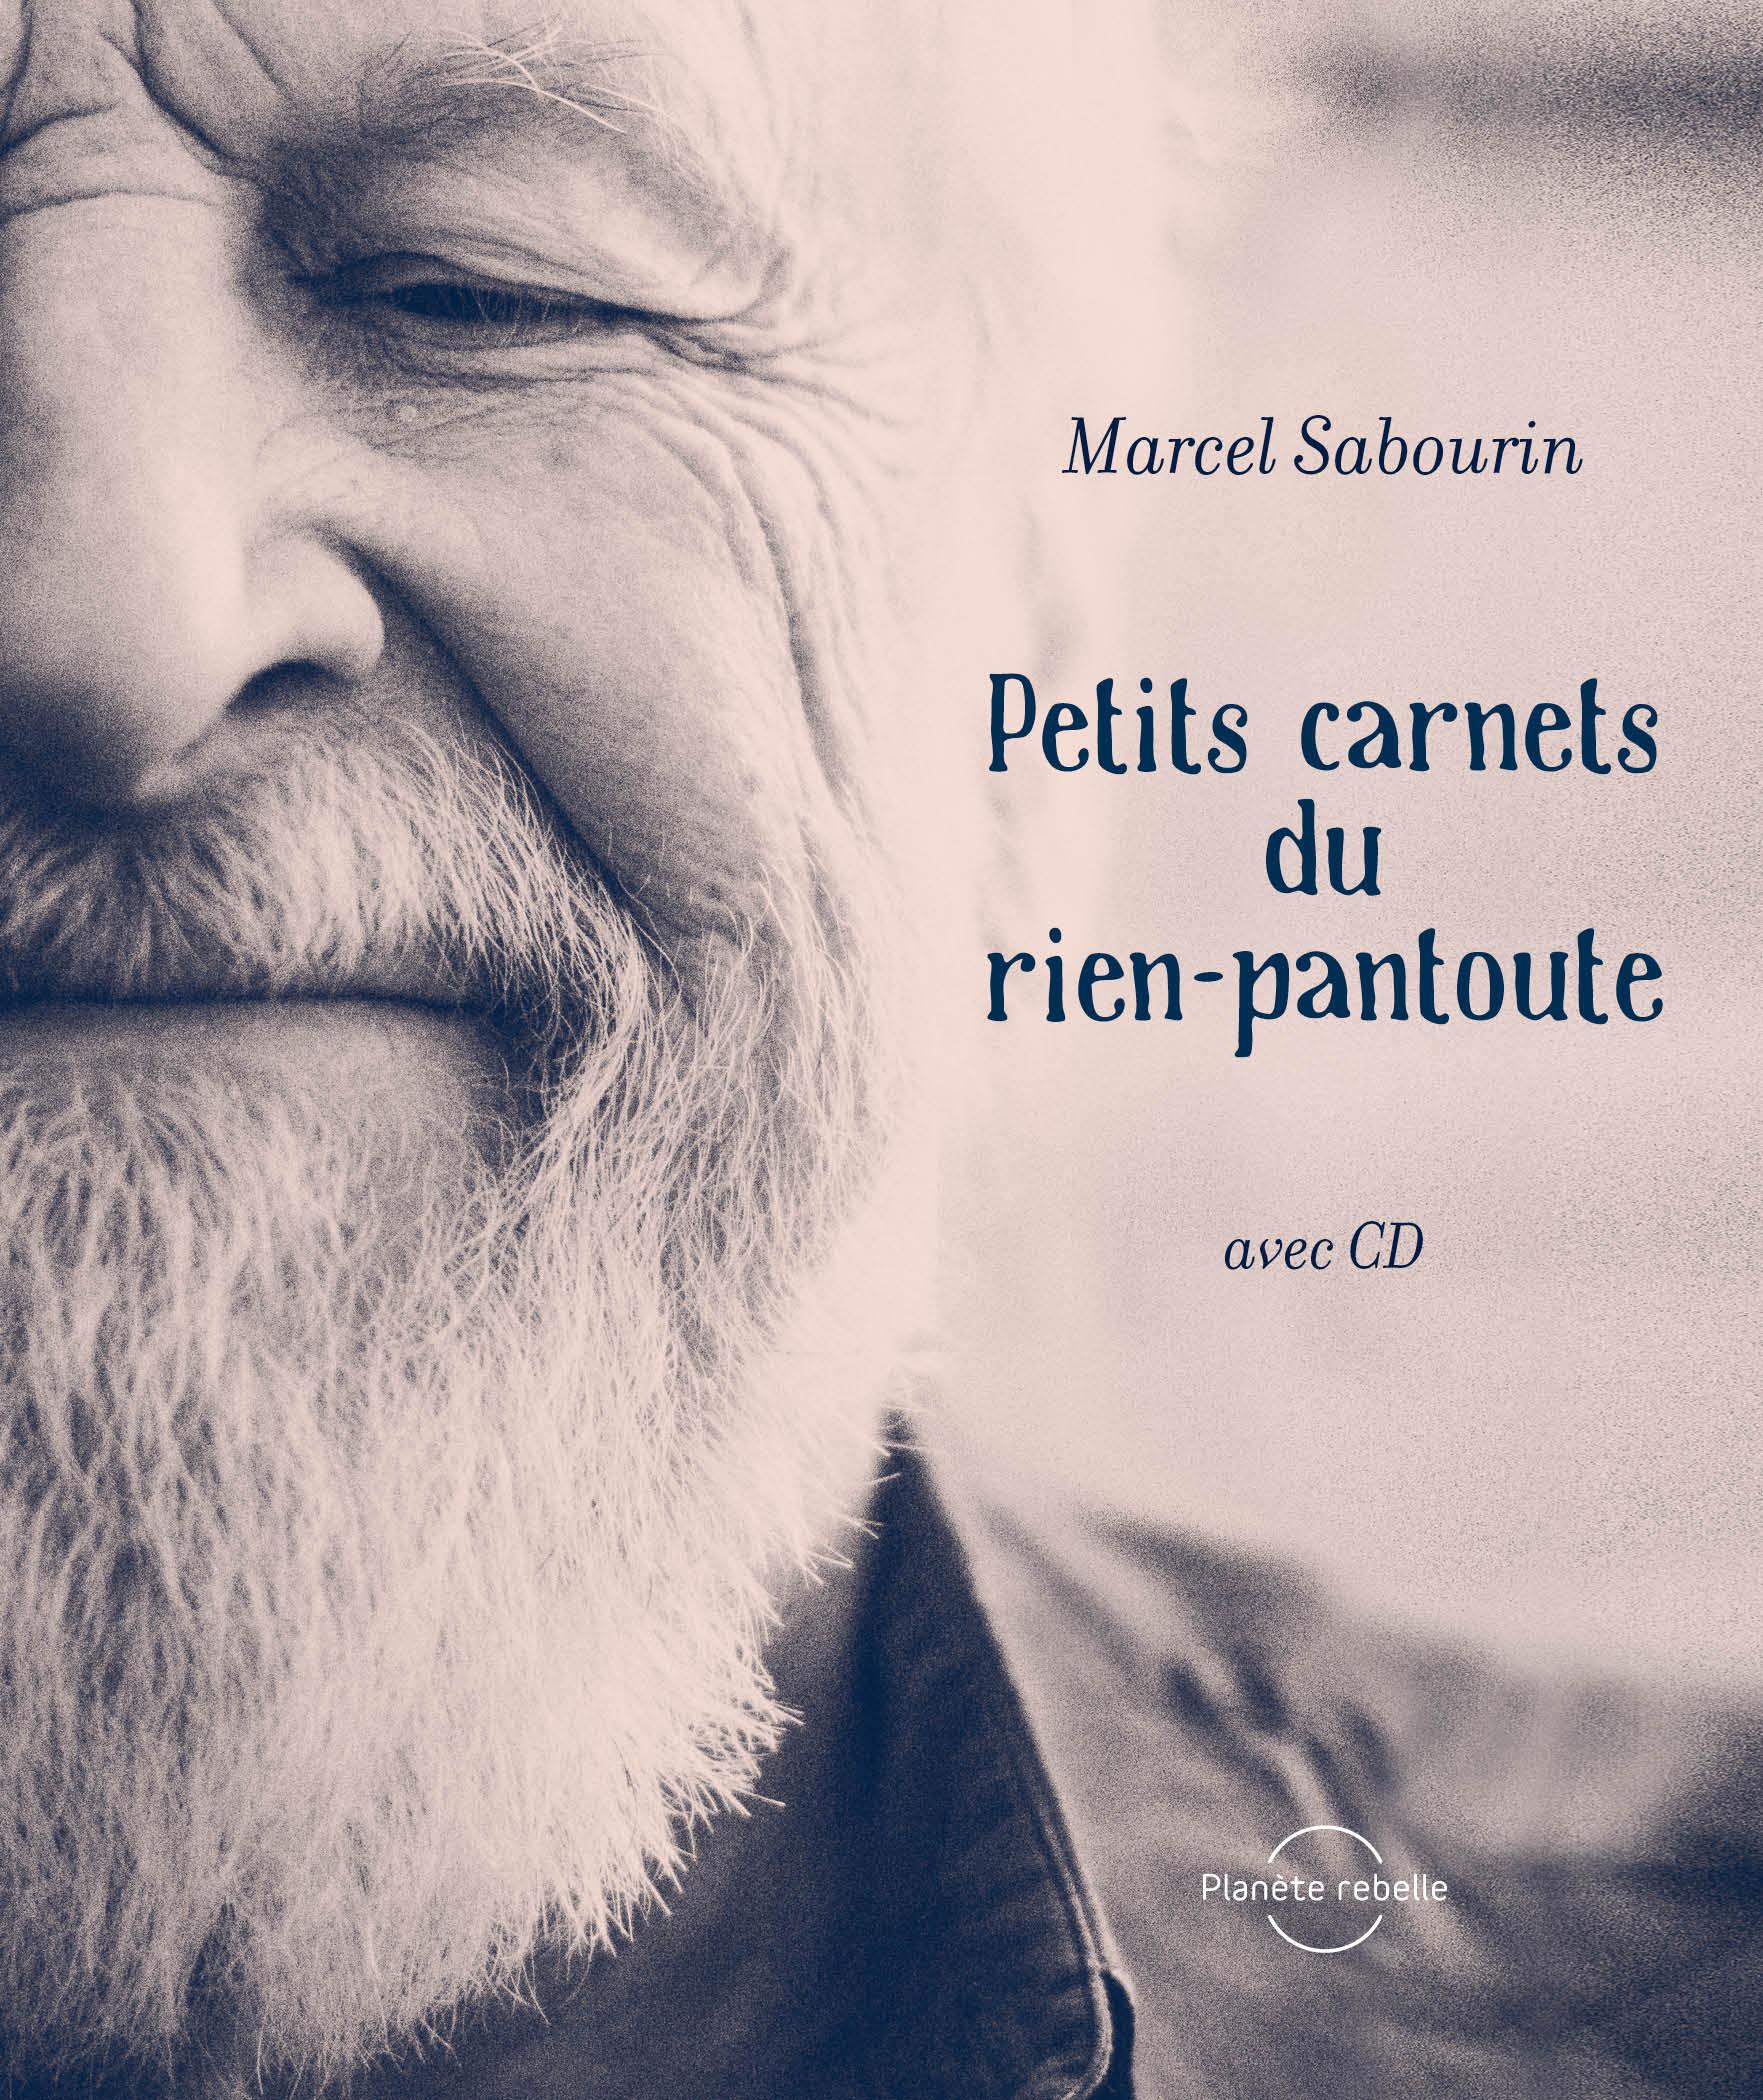 Alt=''marcel-sabourin''